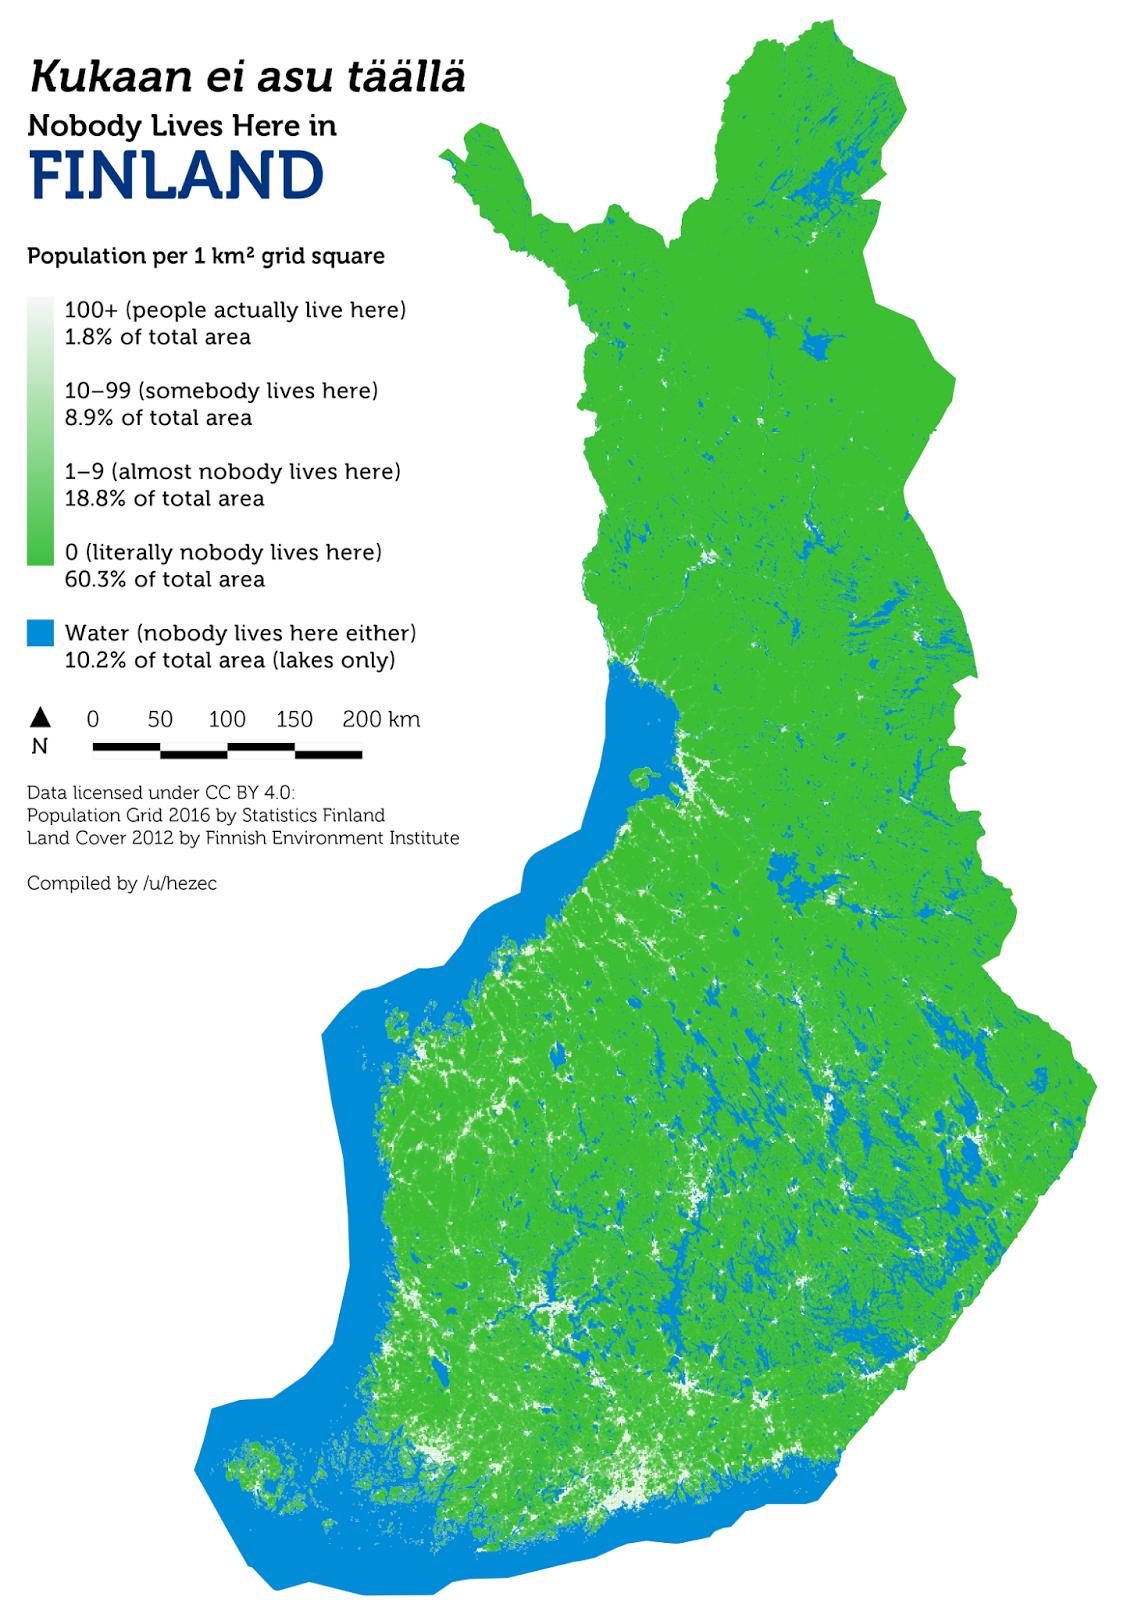 Finland: Population per 1km2 grid square